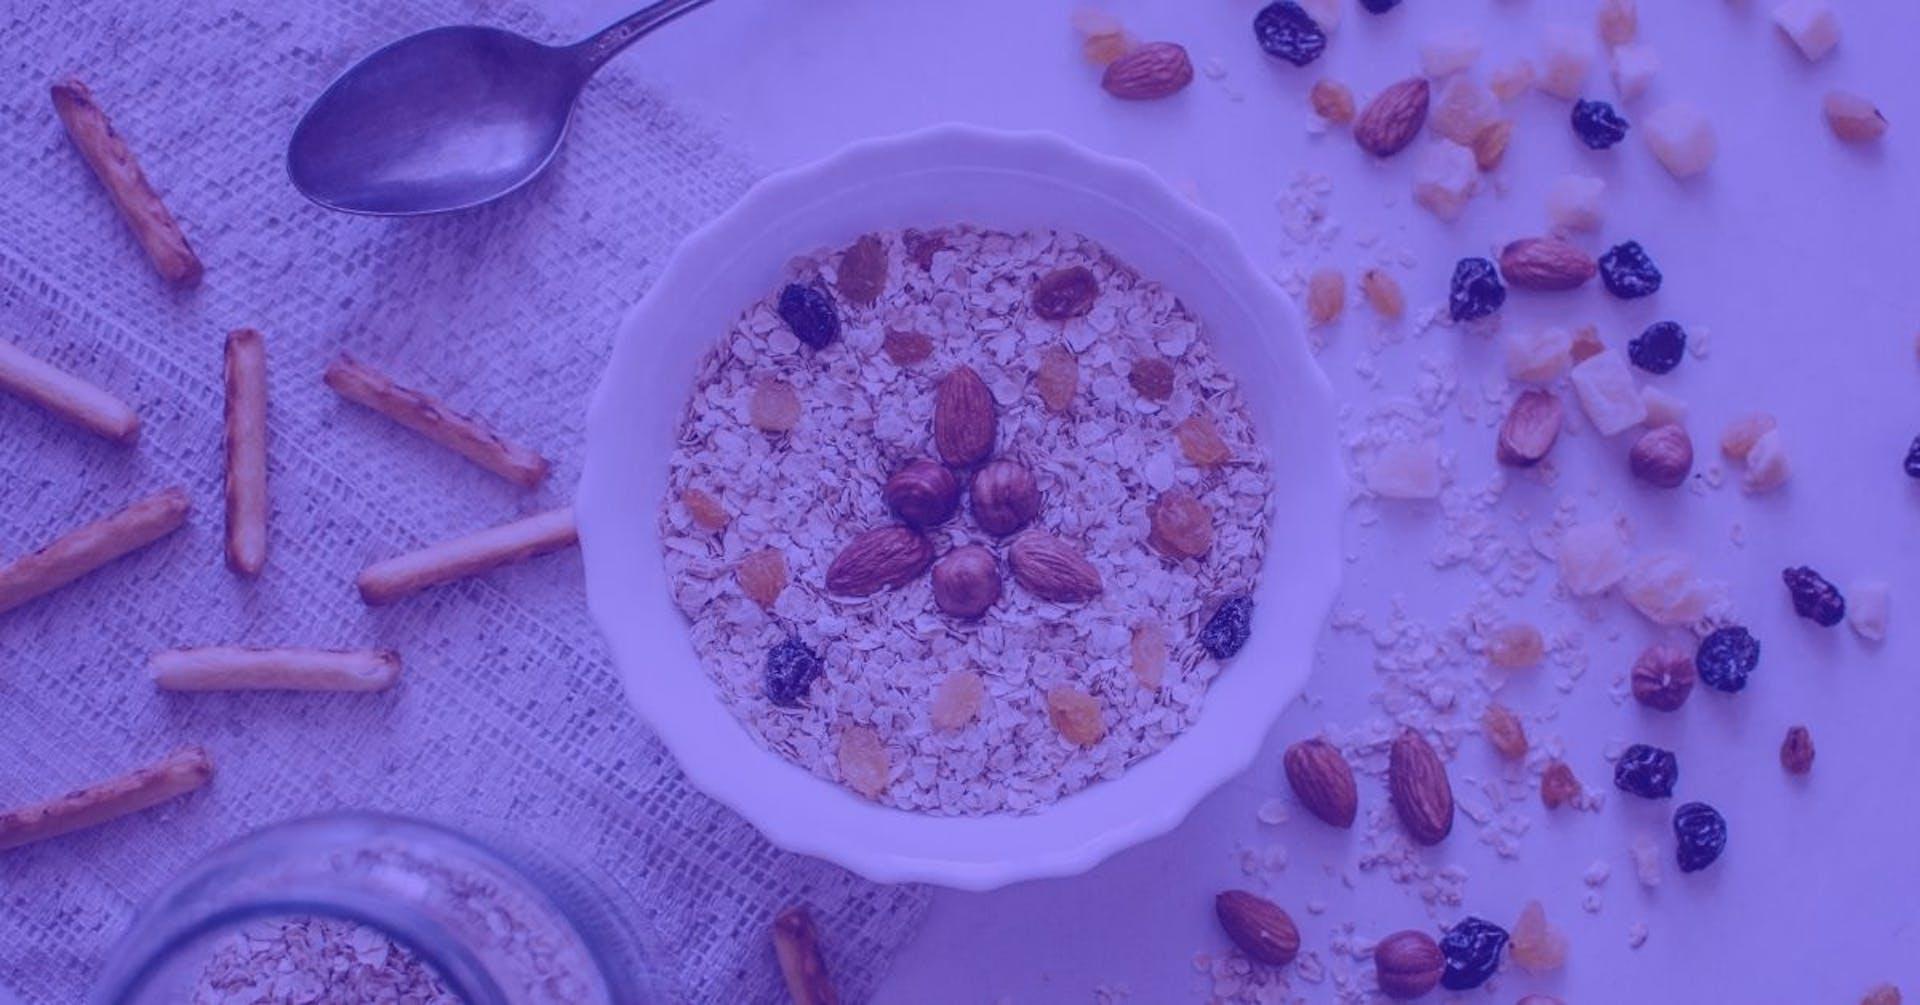 Descubre qué desayunar para tener una alimentación saludable y nutritiva sin dejar de comer rico